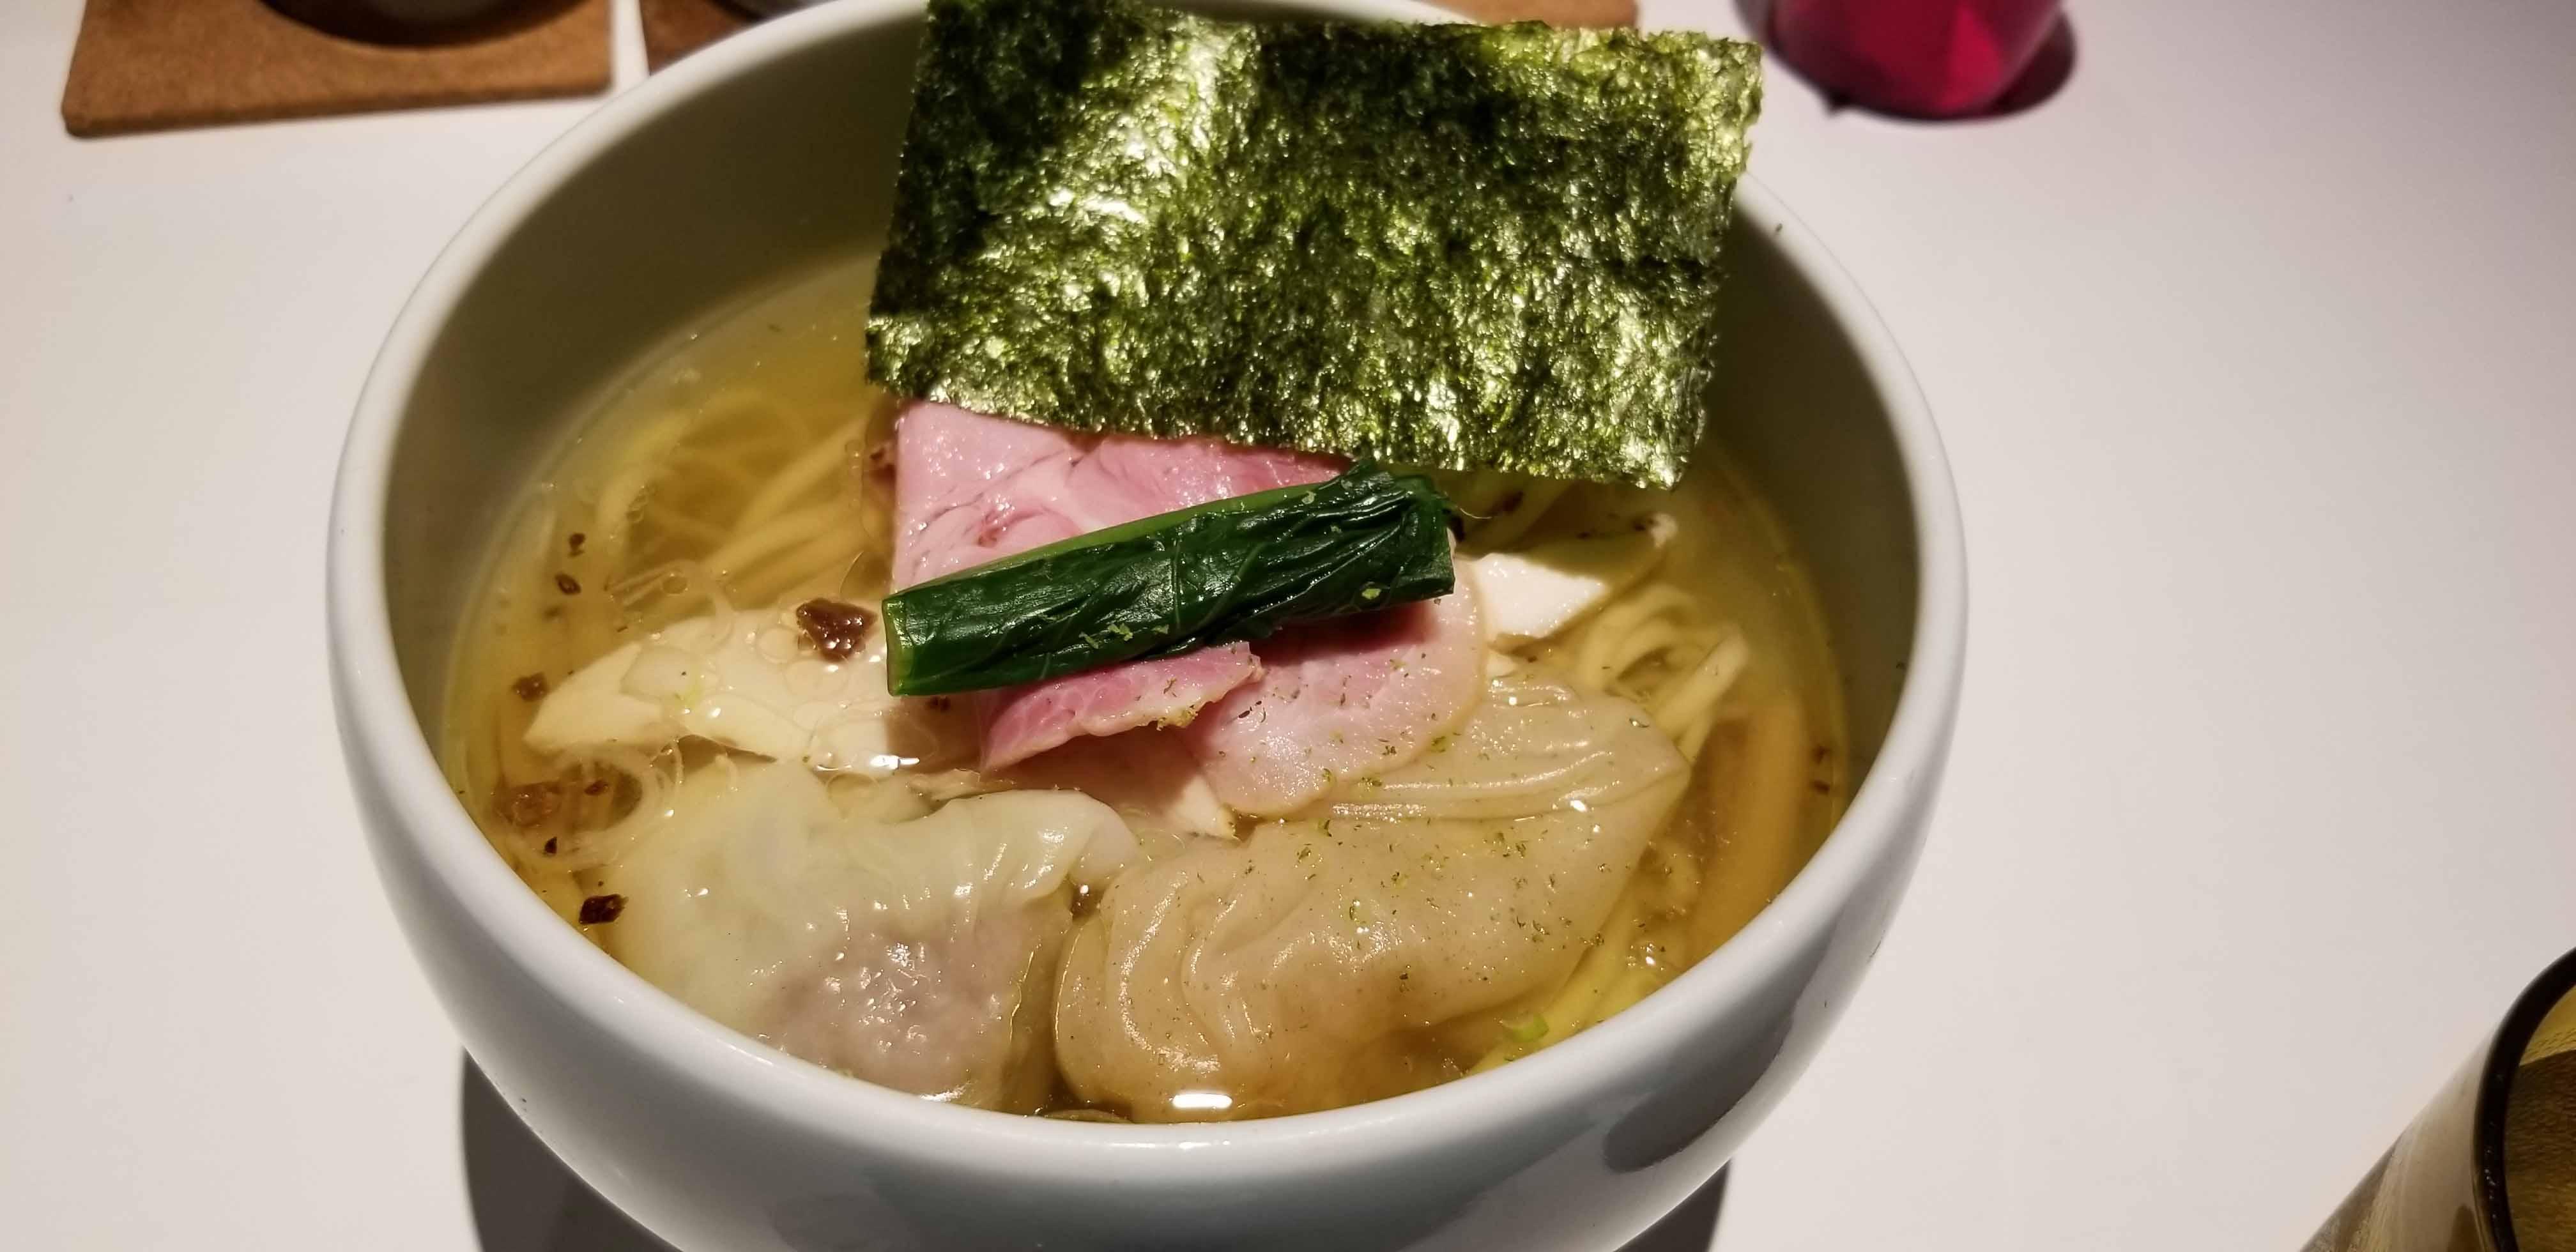 【北海道・十勝】札幌からお客さんが来たので久しぶりに「バード・ウォッチ・カフェ」に行ったよ♪ ~やはり北海道ホテルのお味は間違いないね~